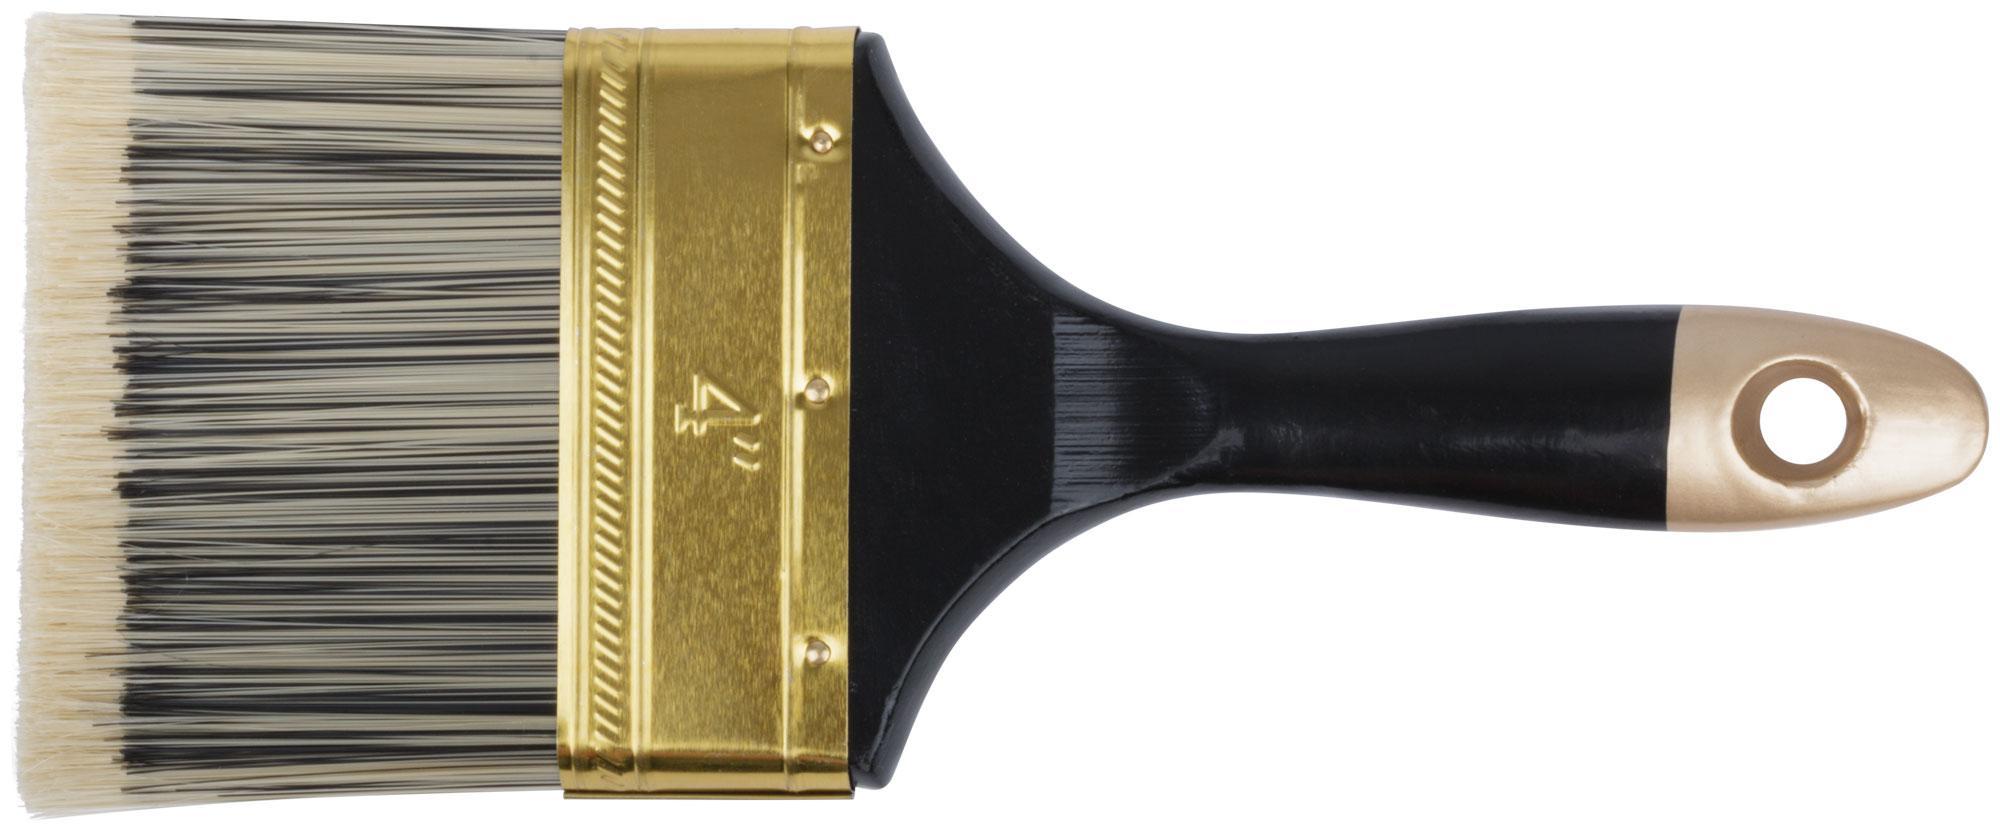 Кисть флейцевая Fit 01188 кисть флейцевая kraftool 1 01017 100